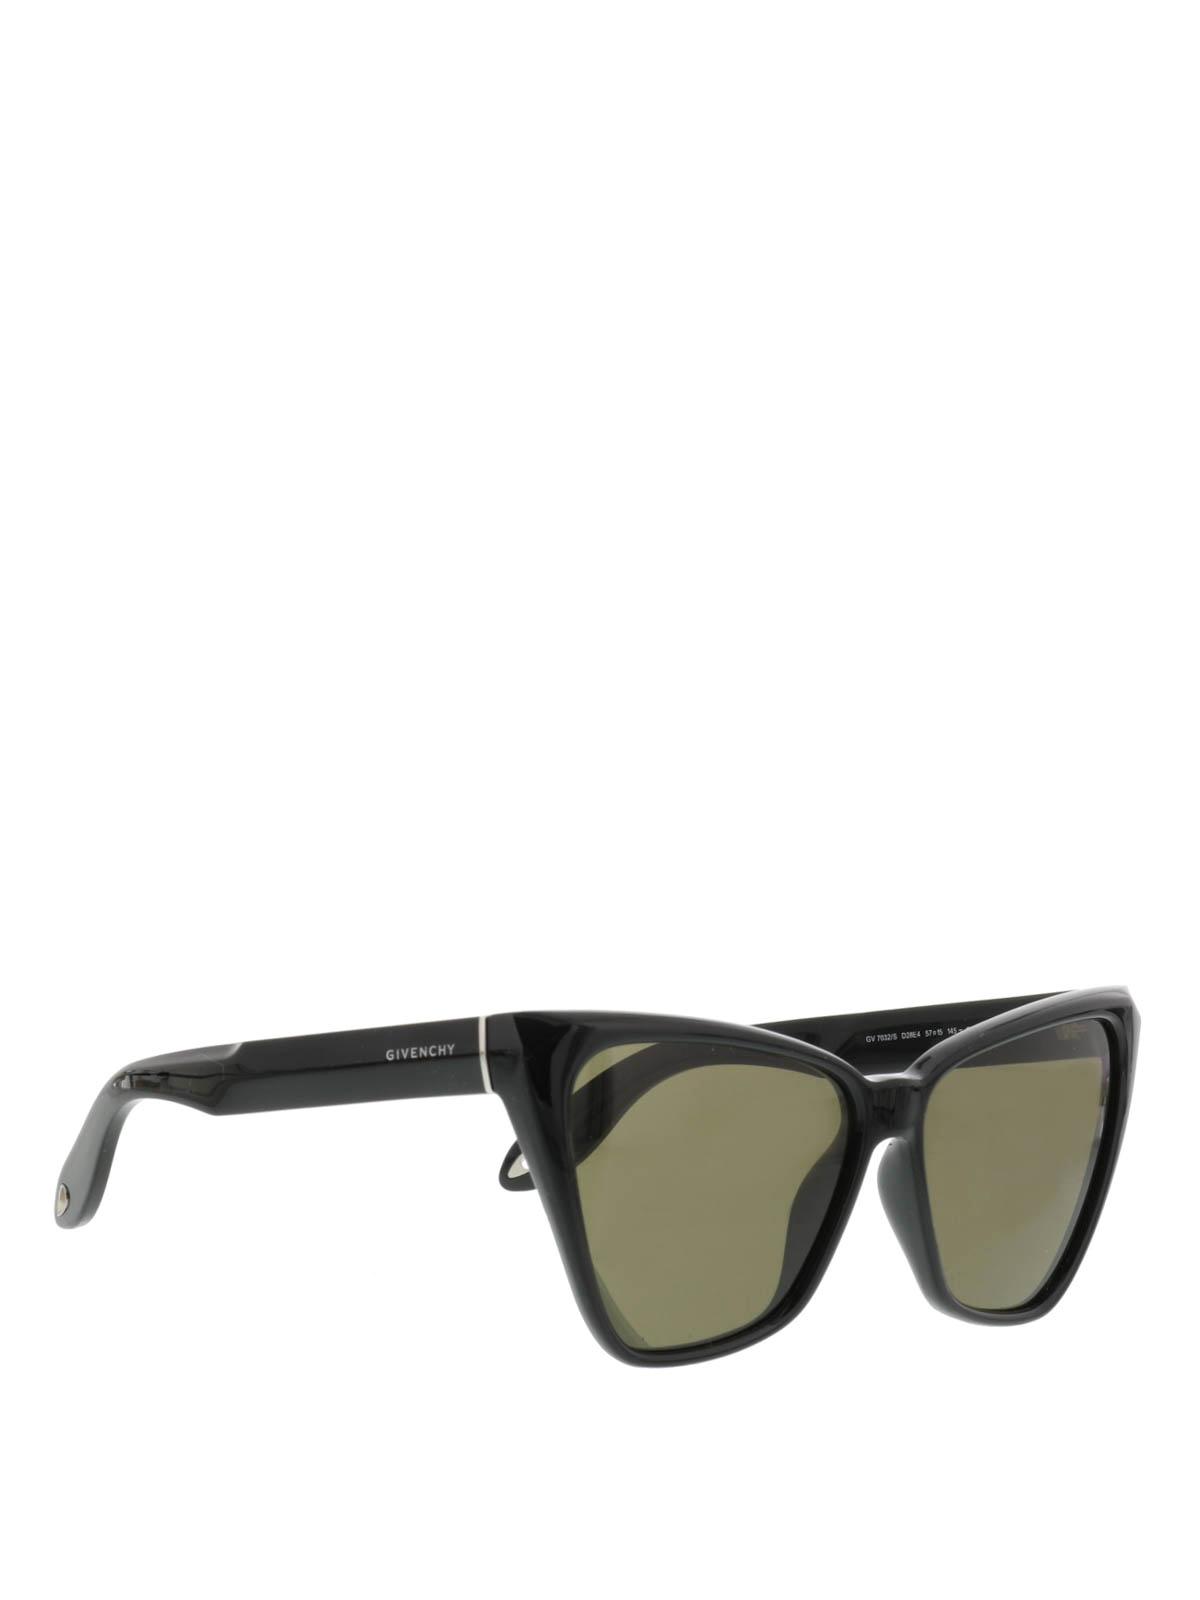 5d81f99a47 Givenchy - Gafas De Sol Negras Para Mujer - Gafas de sol ...